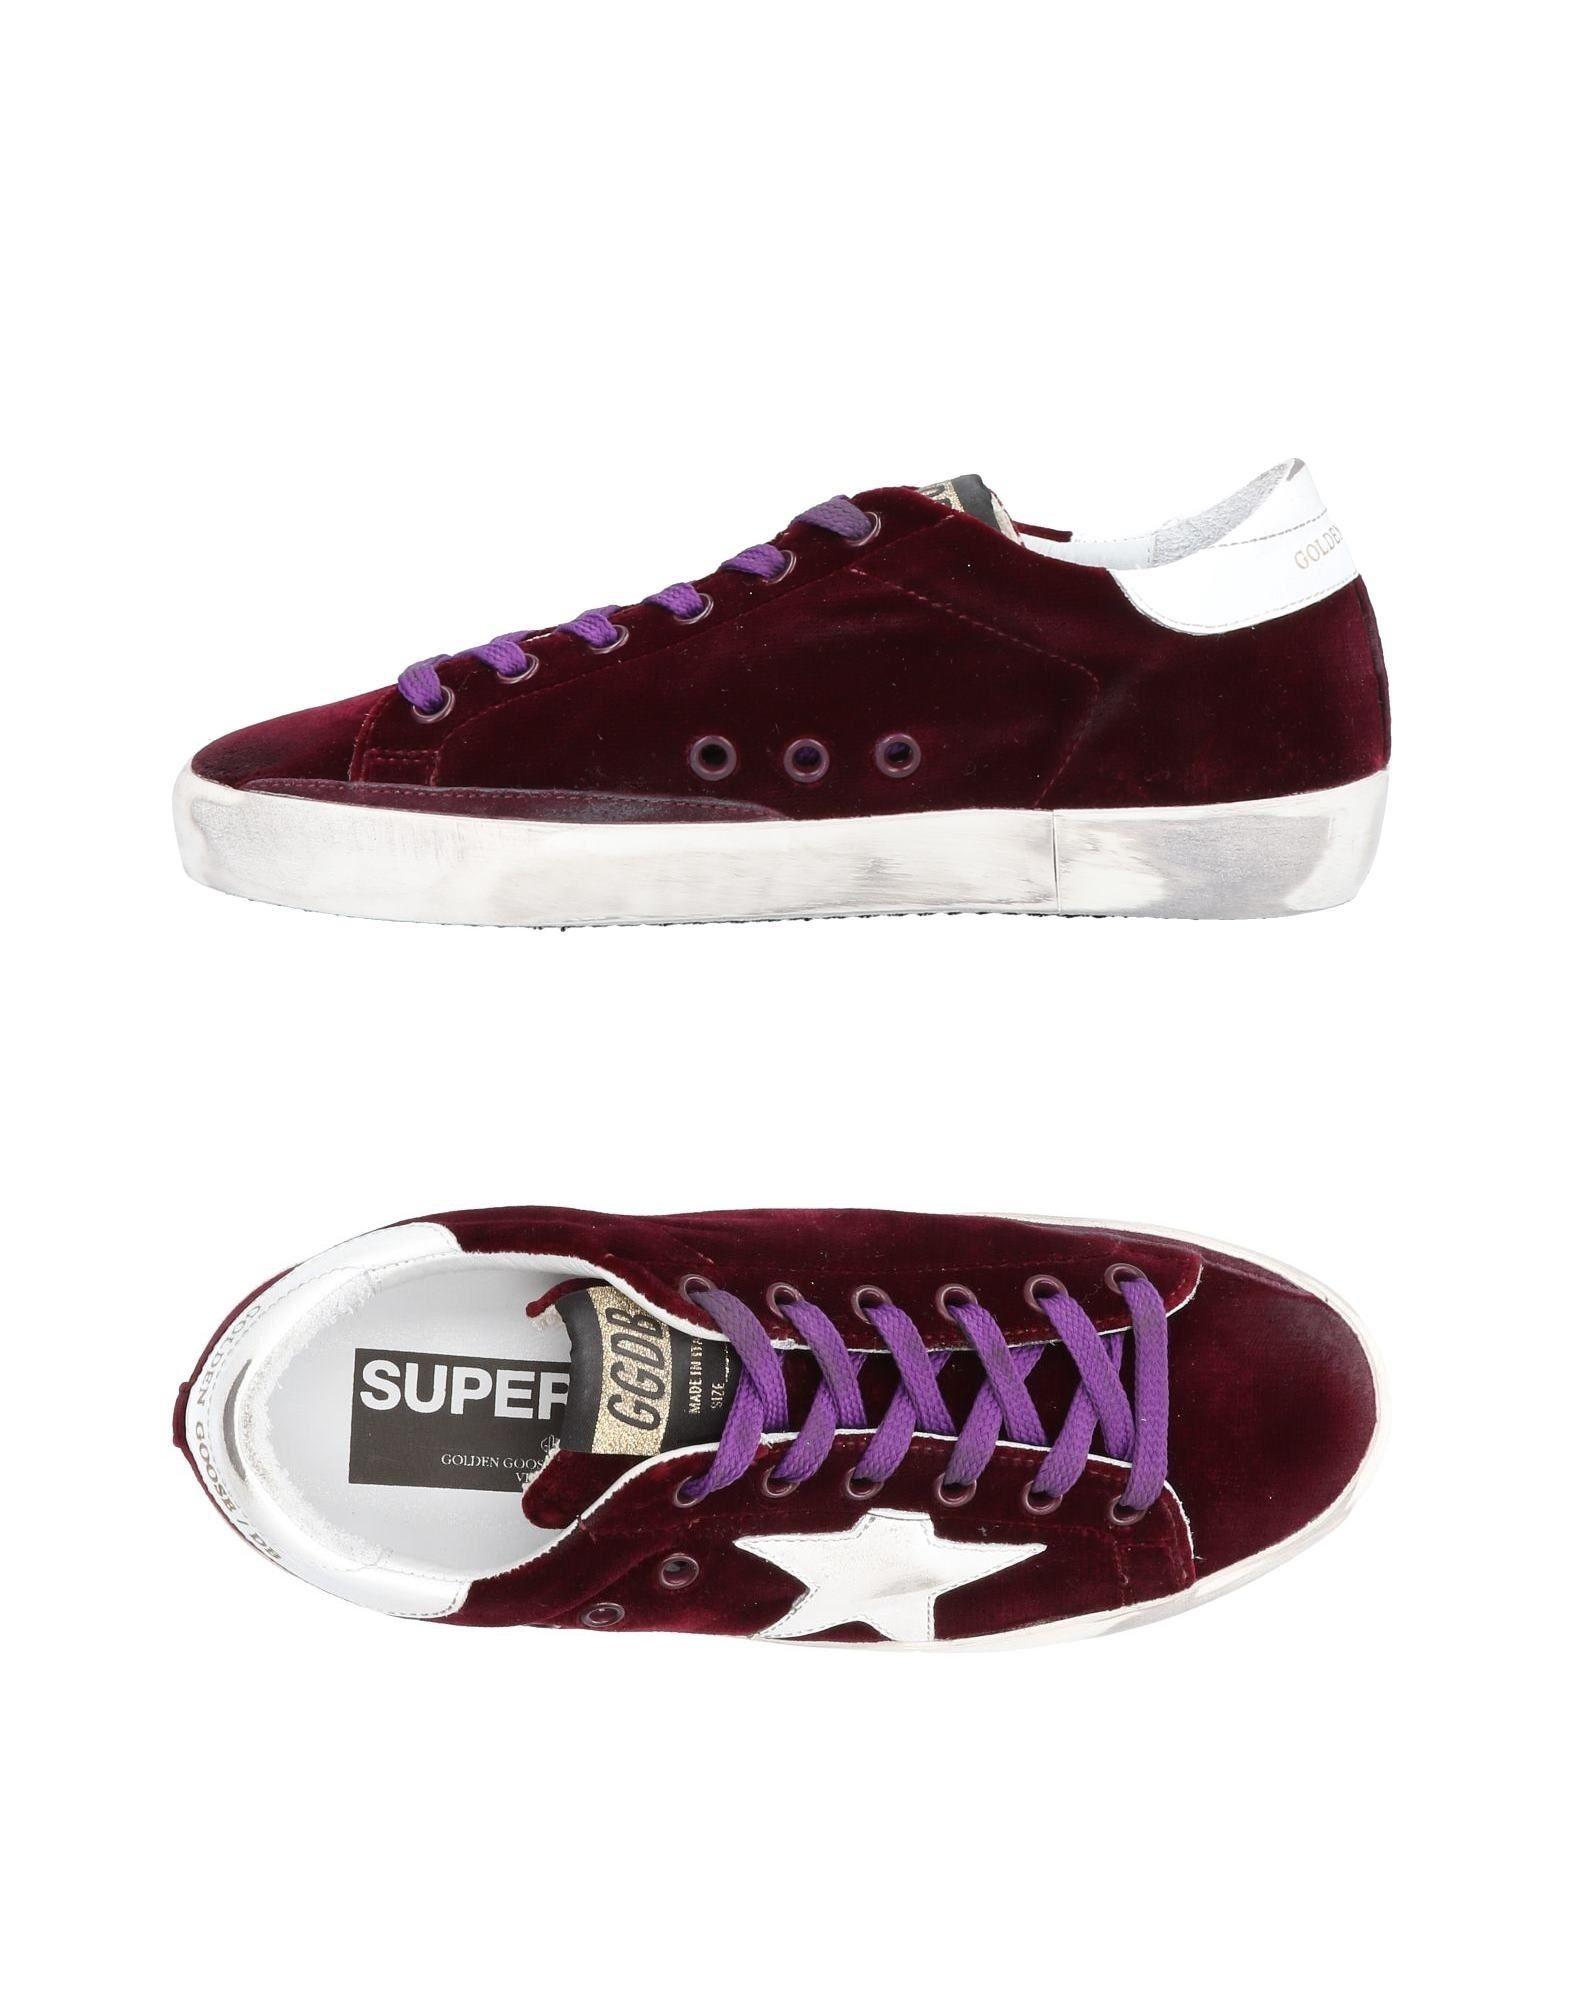 Golden Goose Sneakers In Deep Purple